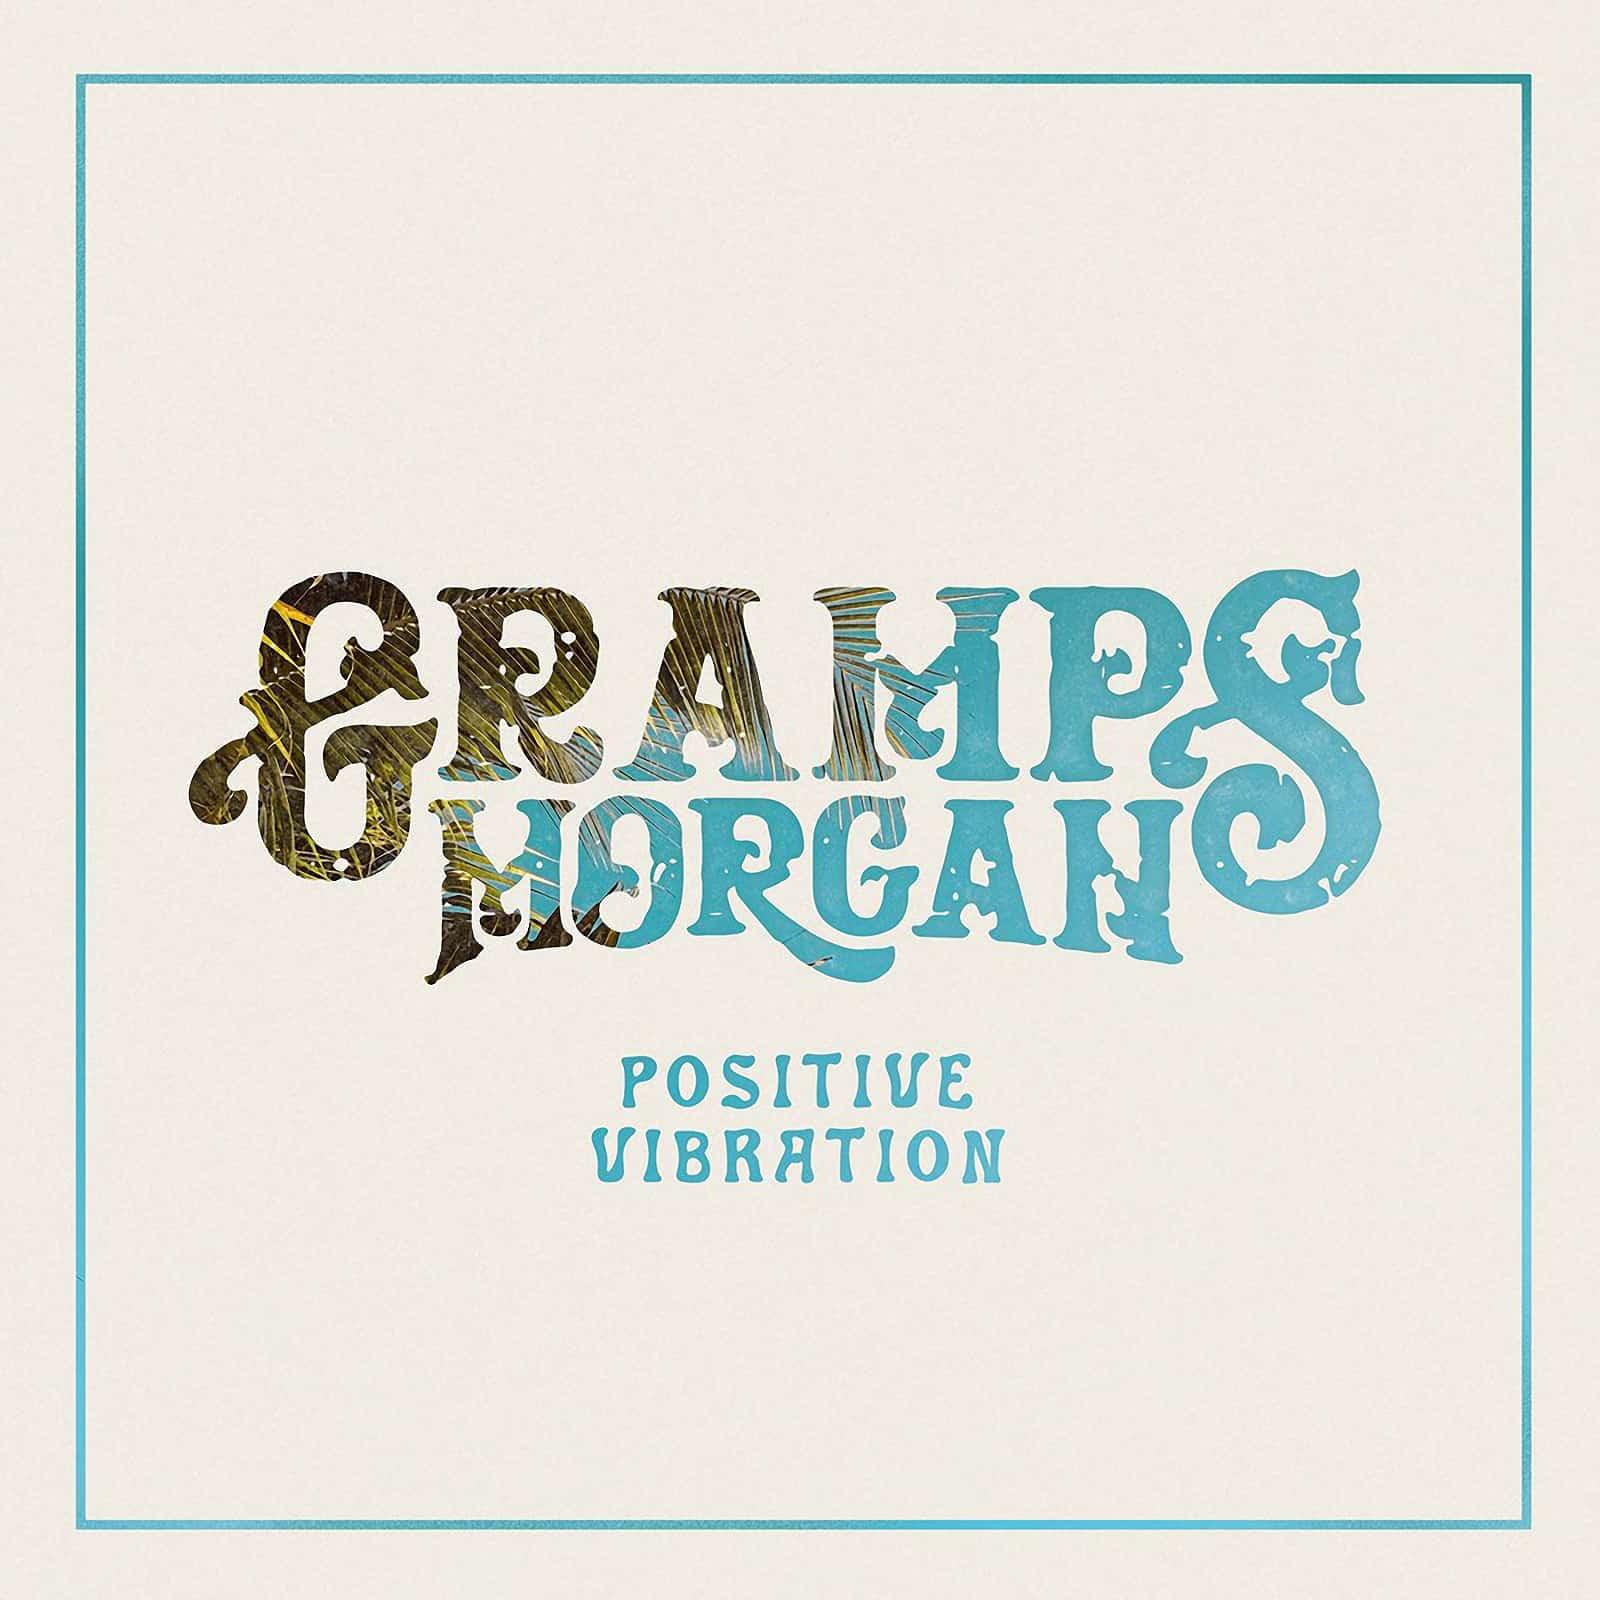 Gramps Morgan - Positive Vibration